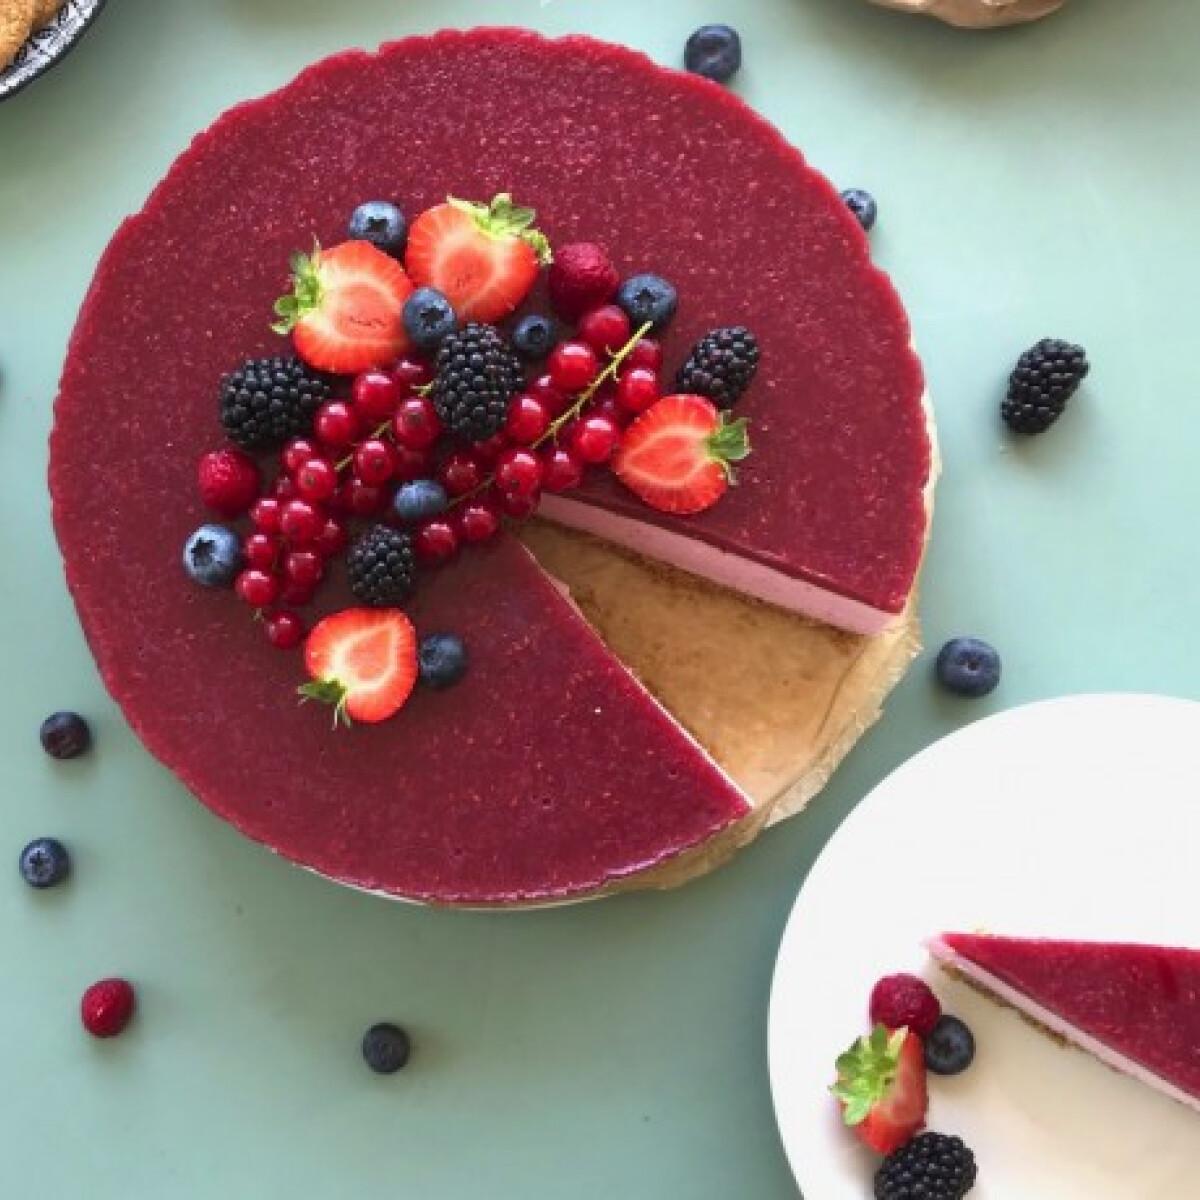 2 hűsítő nyári tortát készítettünk nektek, és nem tudnánk választani, melyik jobb